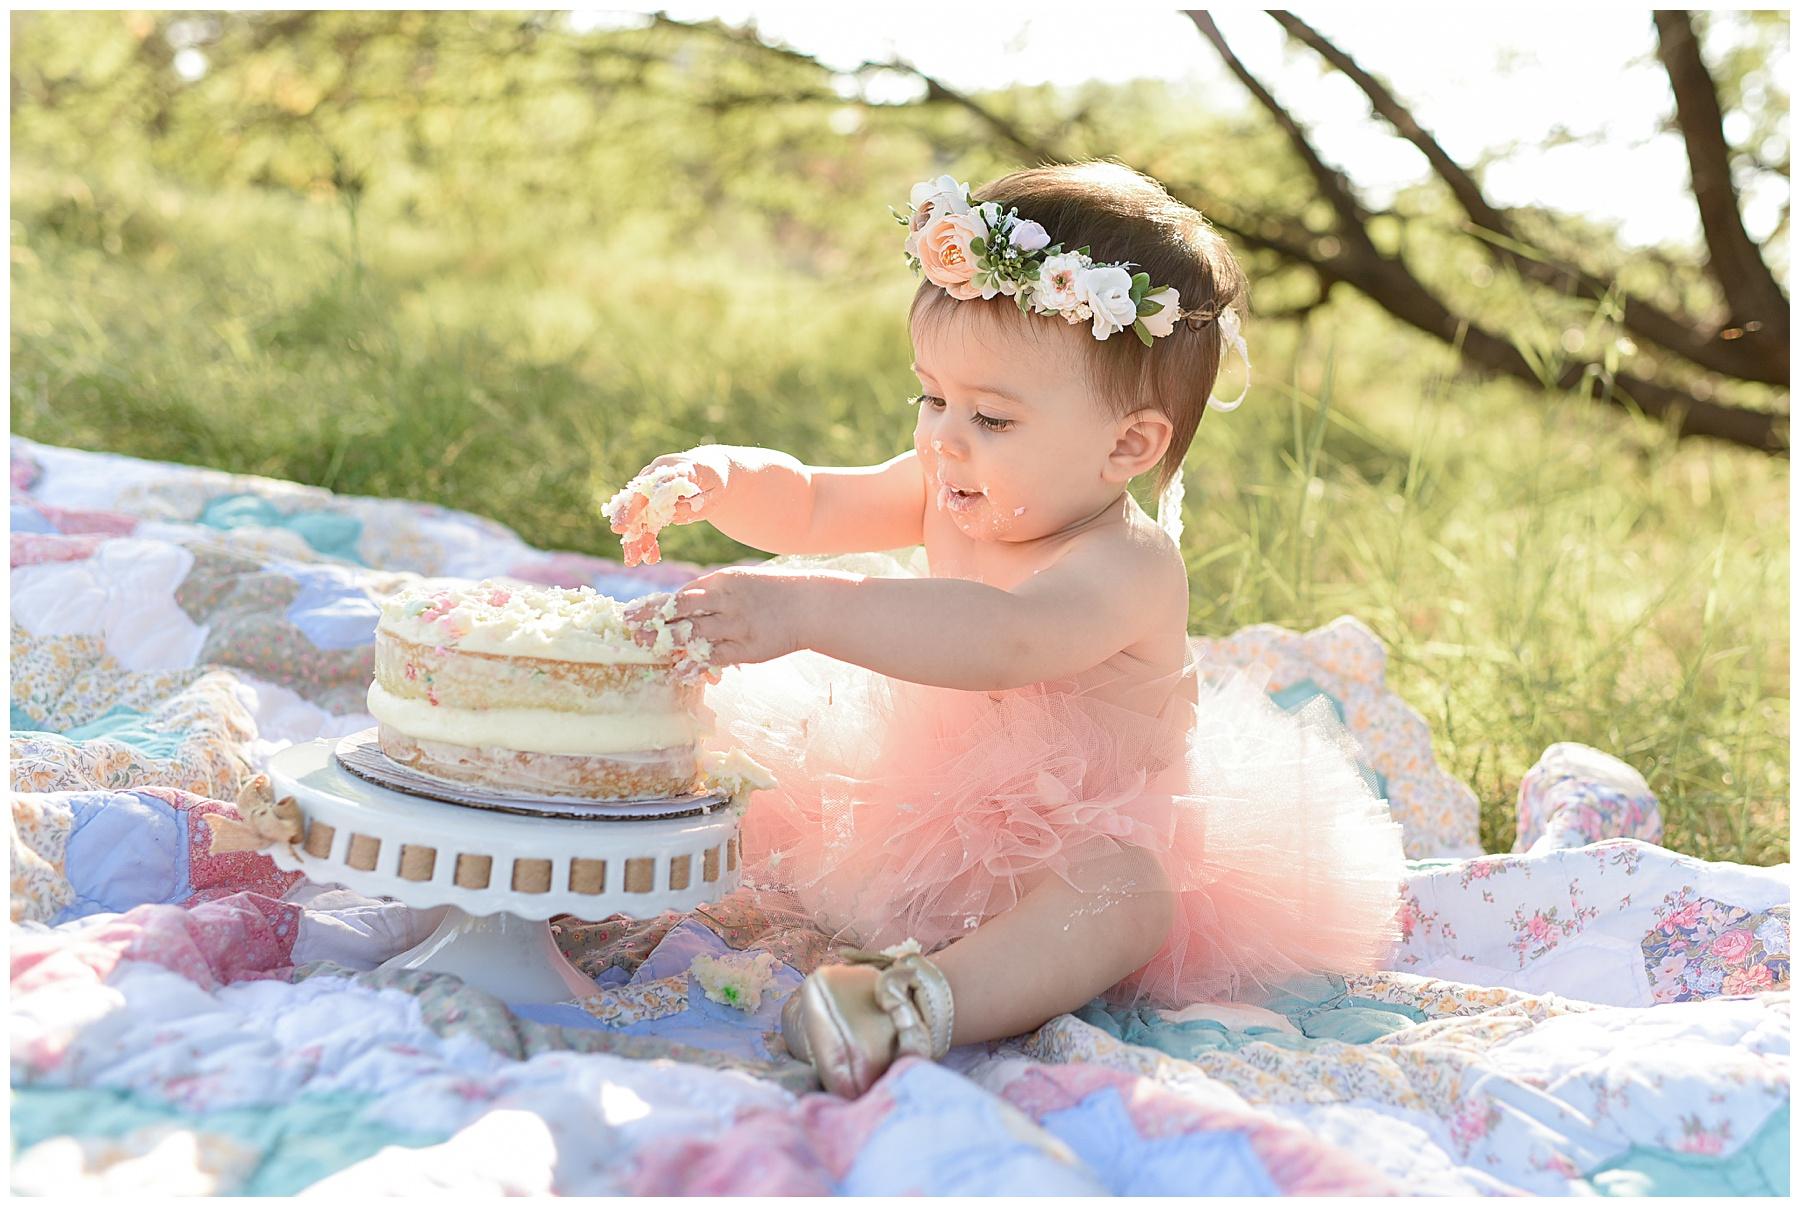 North Phoenix Cake Smash Photo | SweetLife Photography